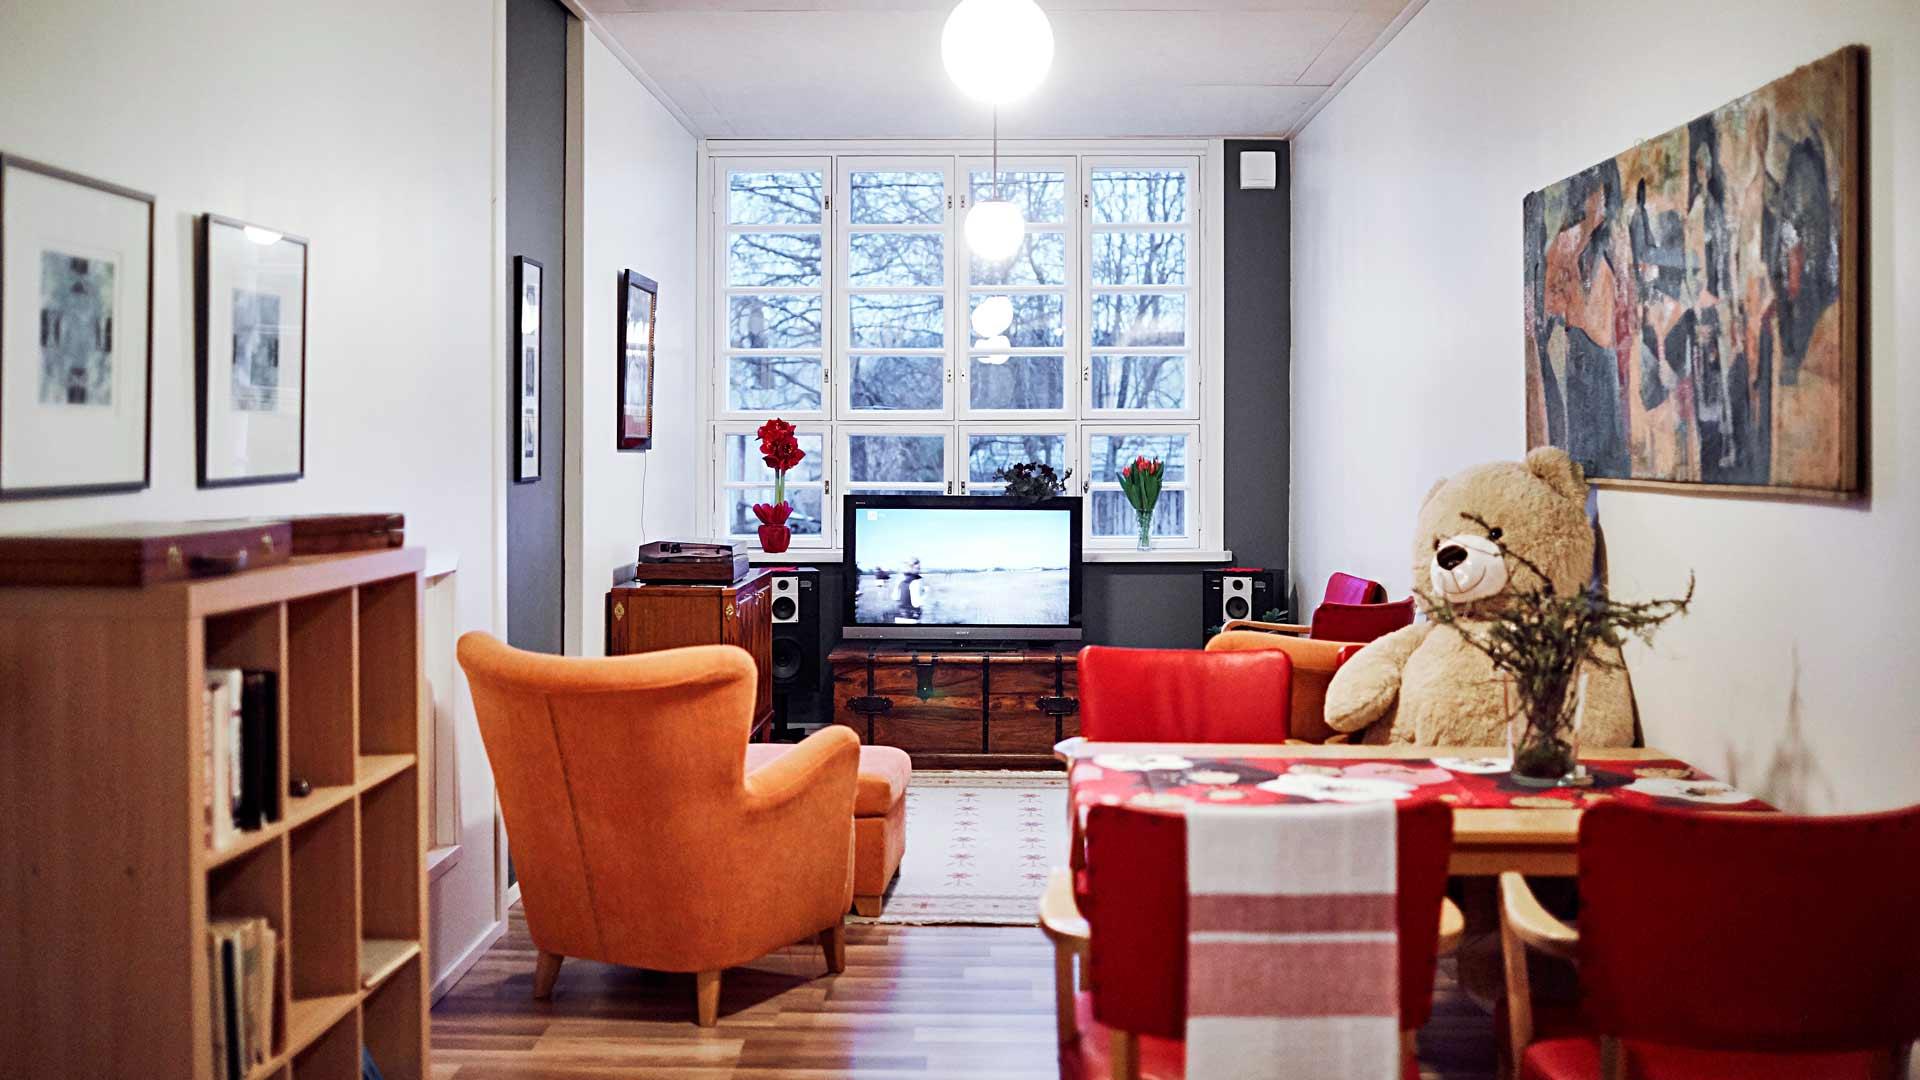 Pöllölän yhteisolohuoneesta löytyy televisio, jota tosin katsotaan harvoin yhdessä.